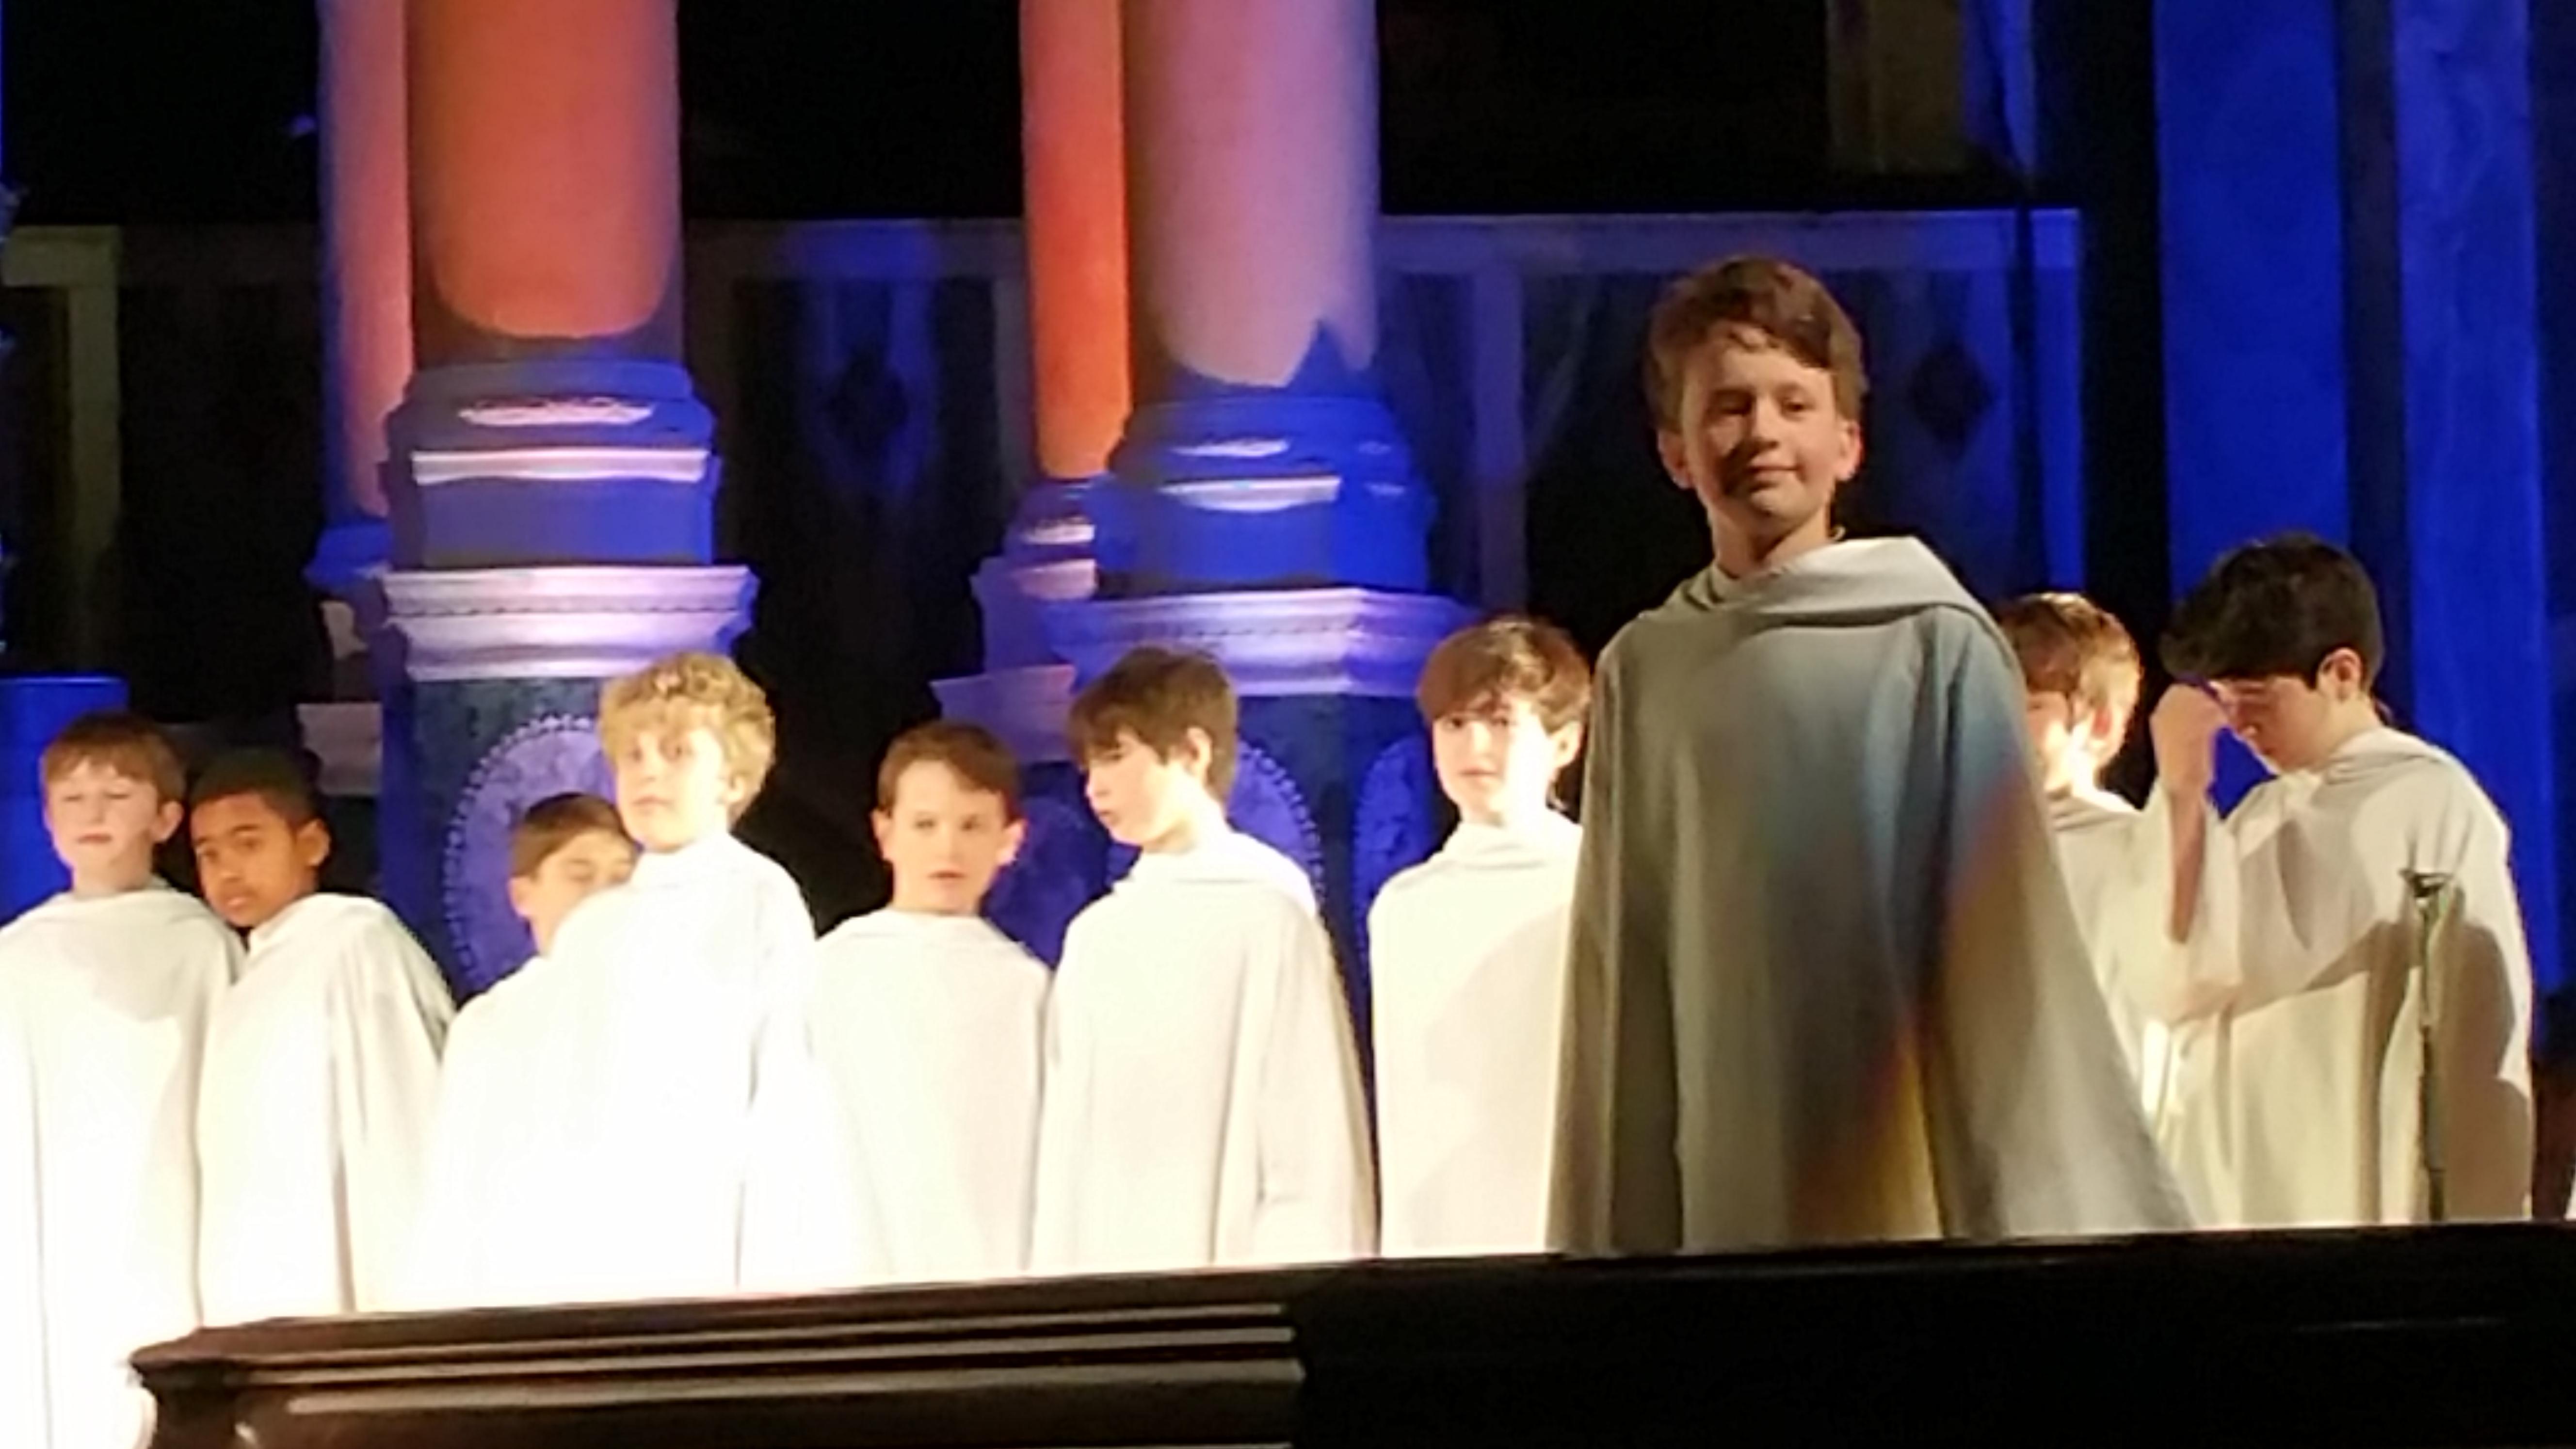 Concert à la cathédrale de Westminster (initialement St George's) le 1er décembre 2017 - Page 3 71379420171201220353